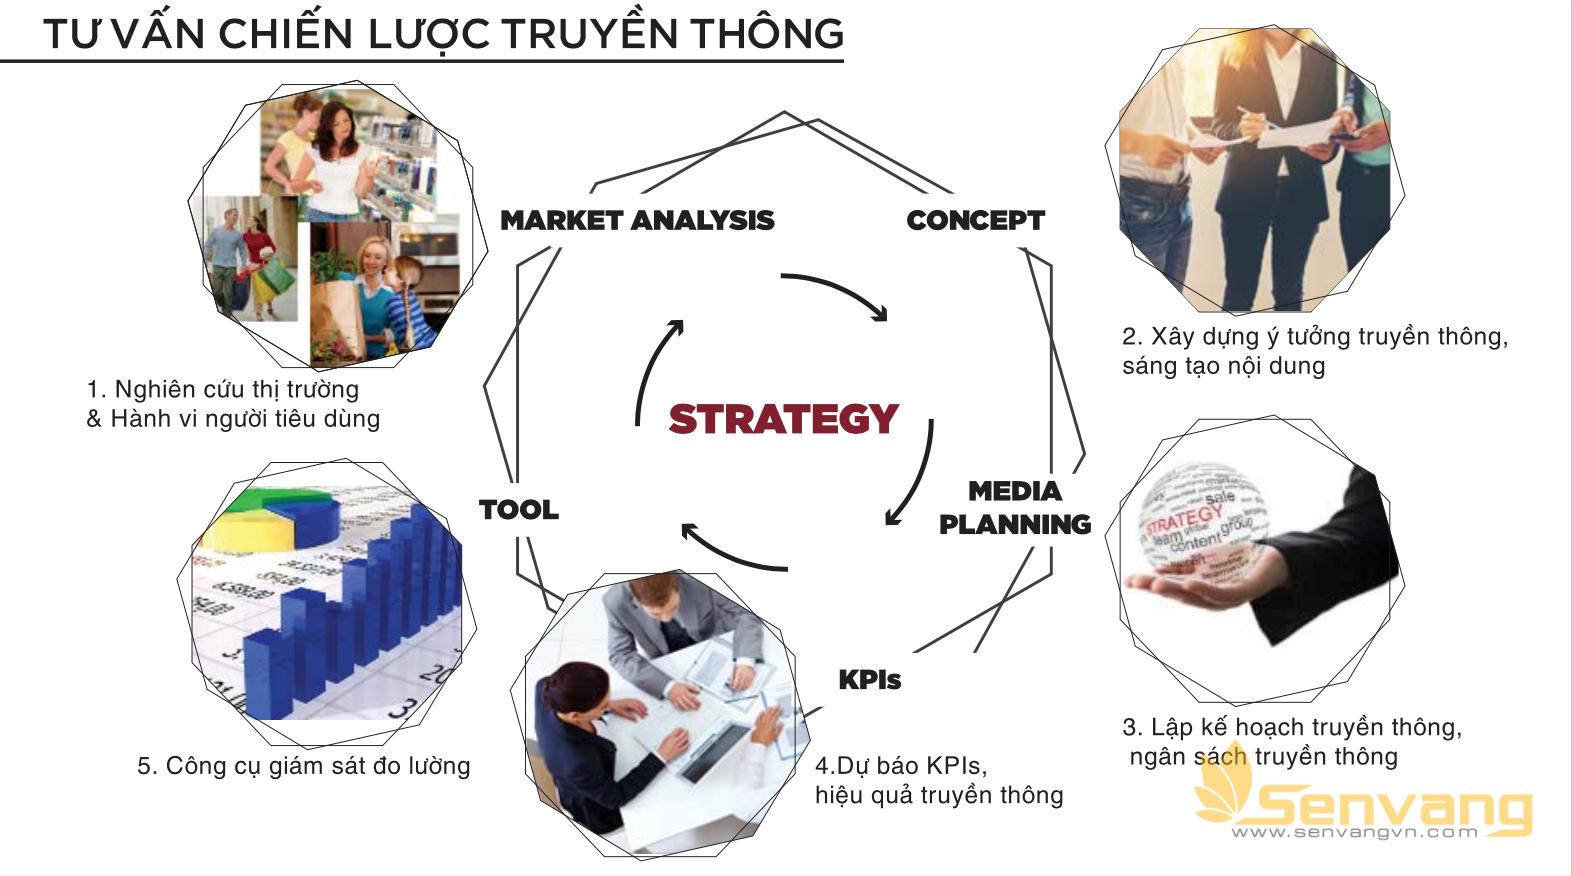 Tư vấn chiến lược truyền thông